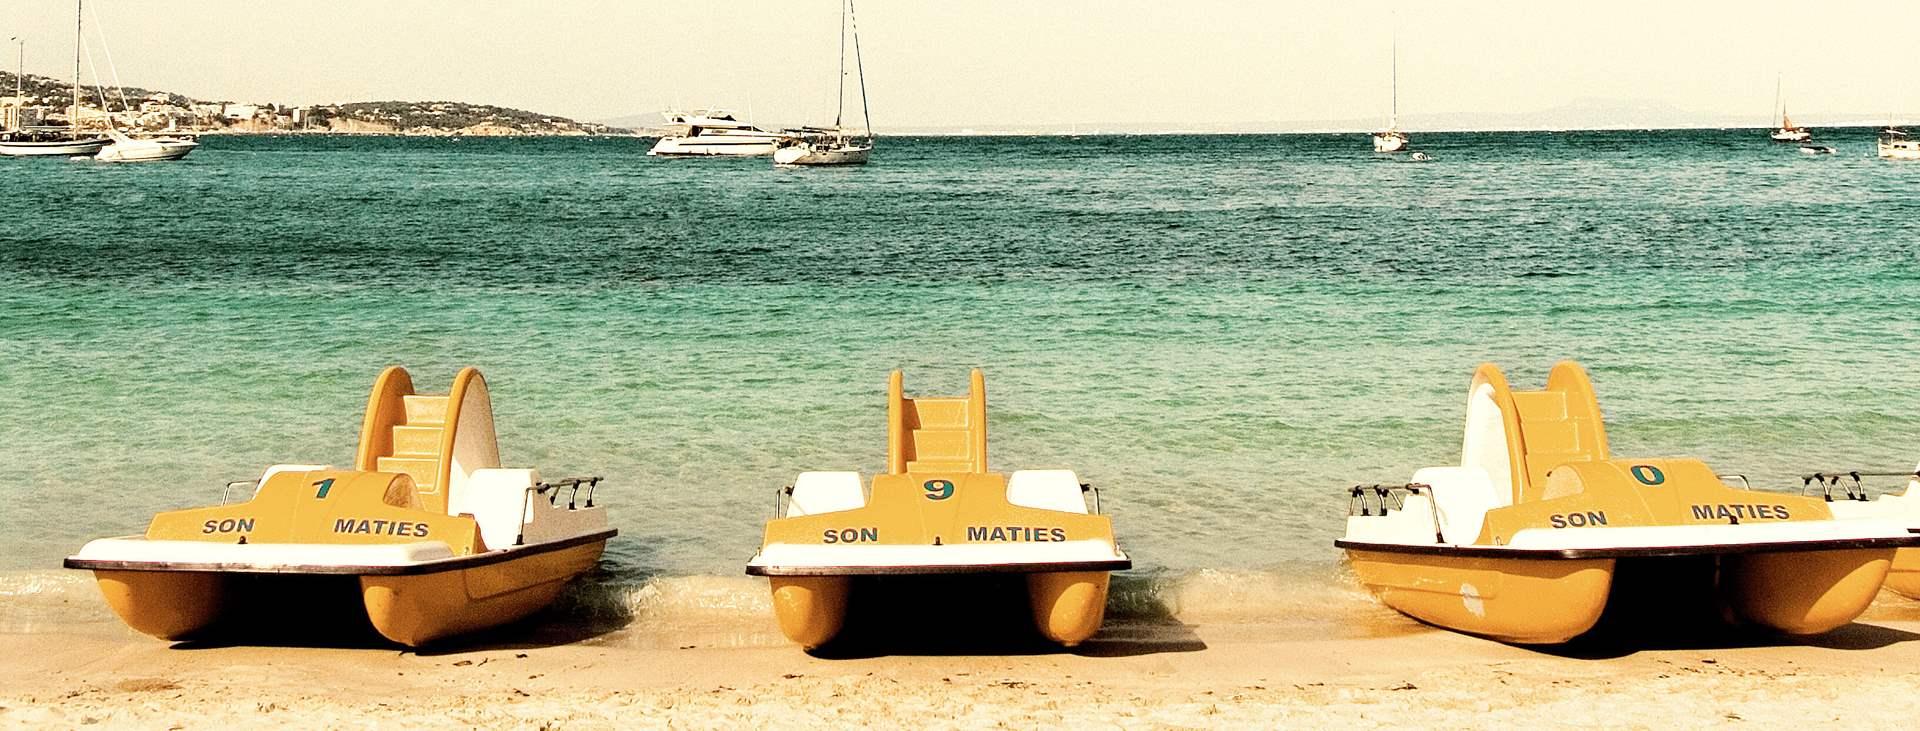 Reiser til Palma Nova/Magaluf på Mallorca